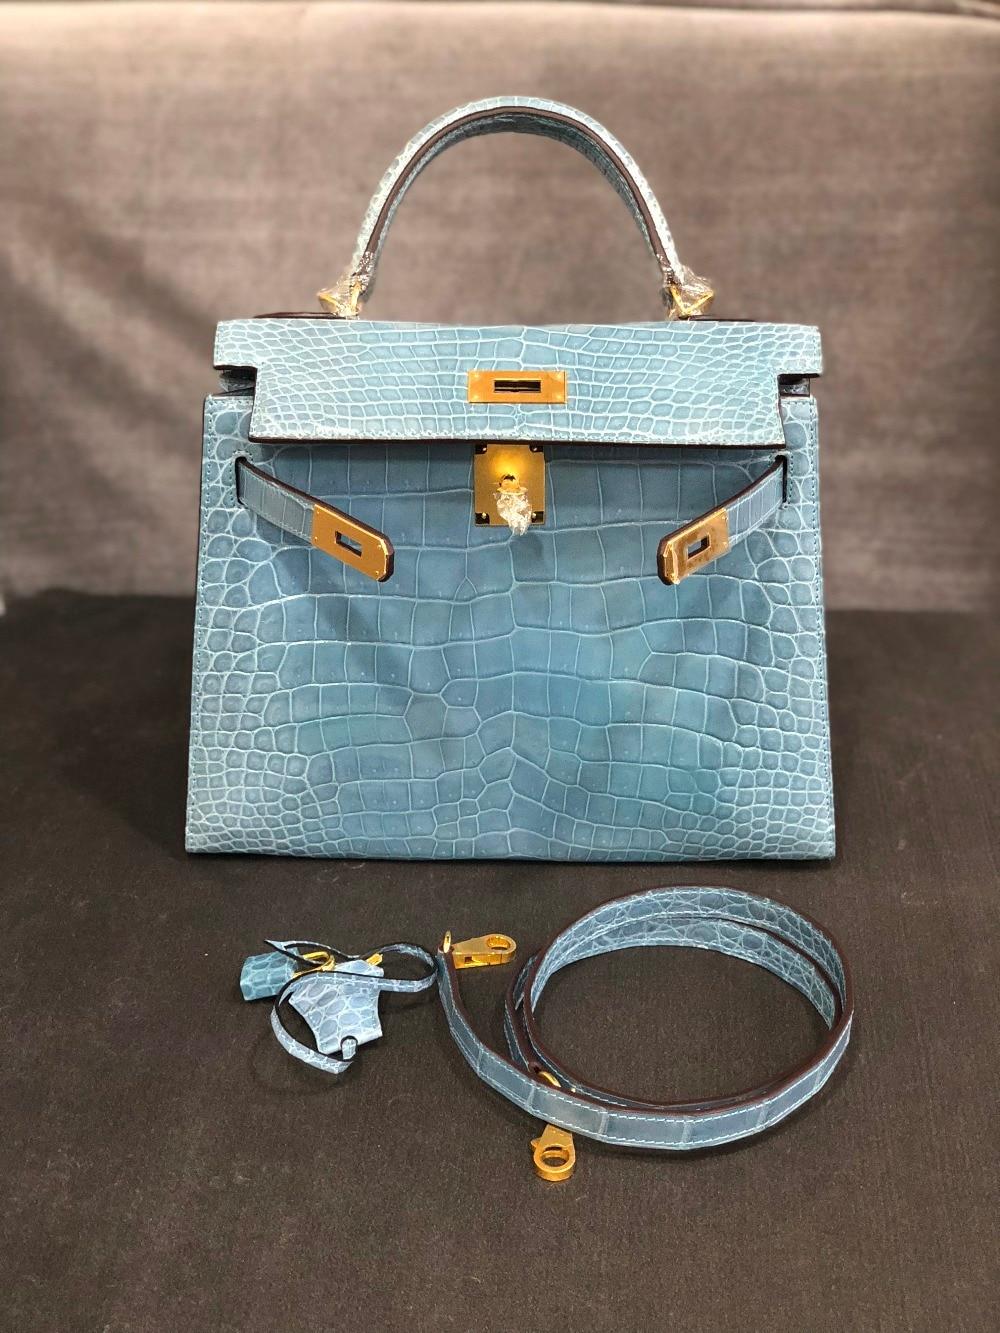 D'épaule Fourre Peau Crocodile Bleu De Luxe 100 Qualité Véritable Brillant tout Sac Gris Dame Haute tZqXt0x